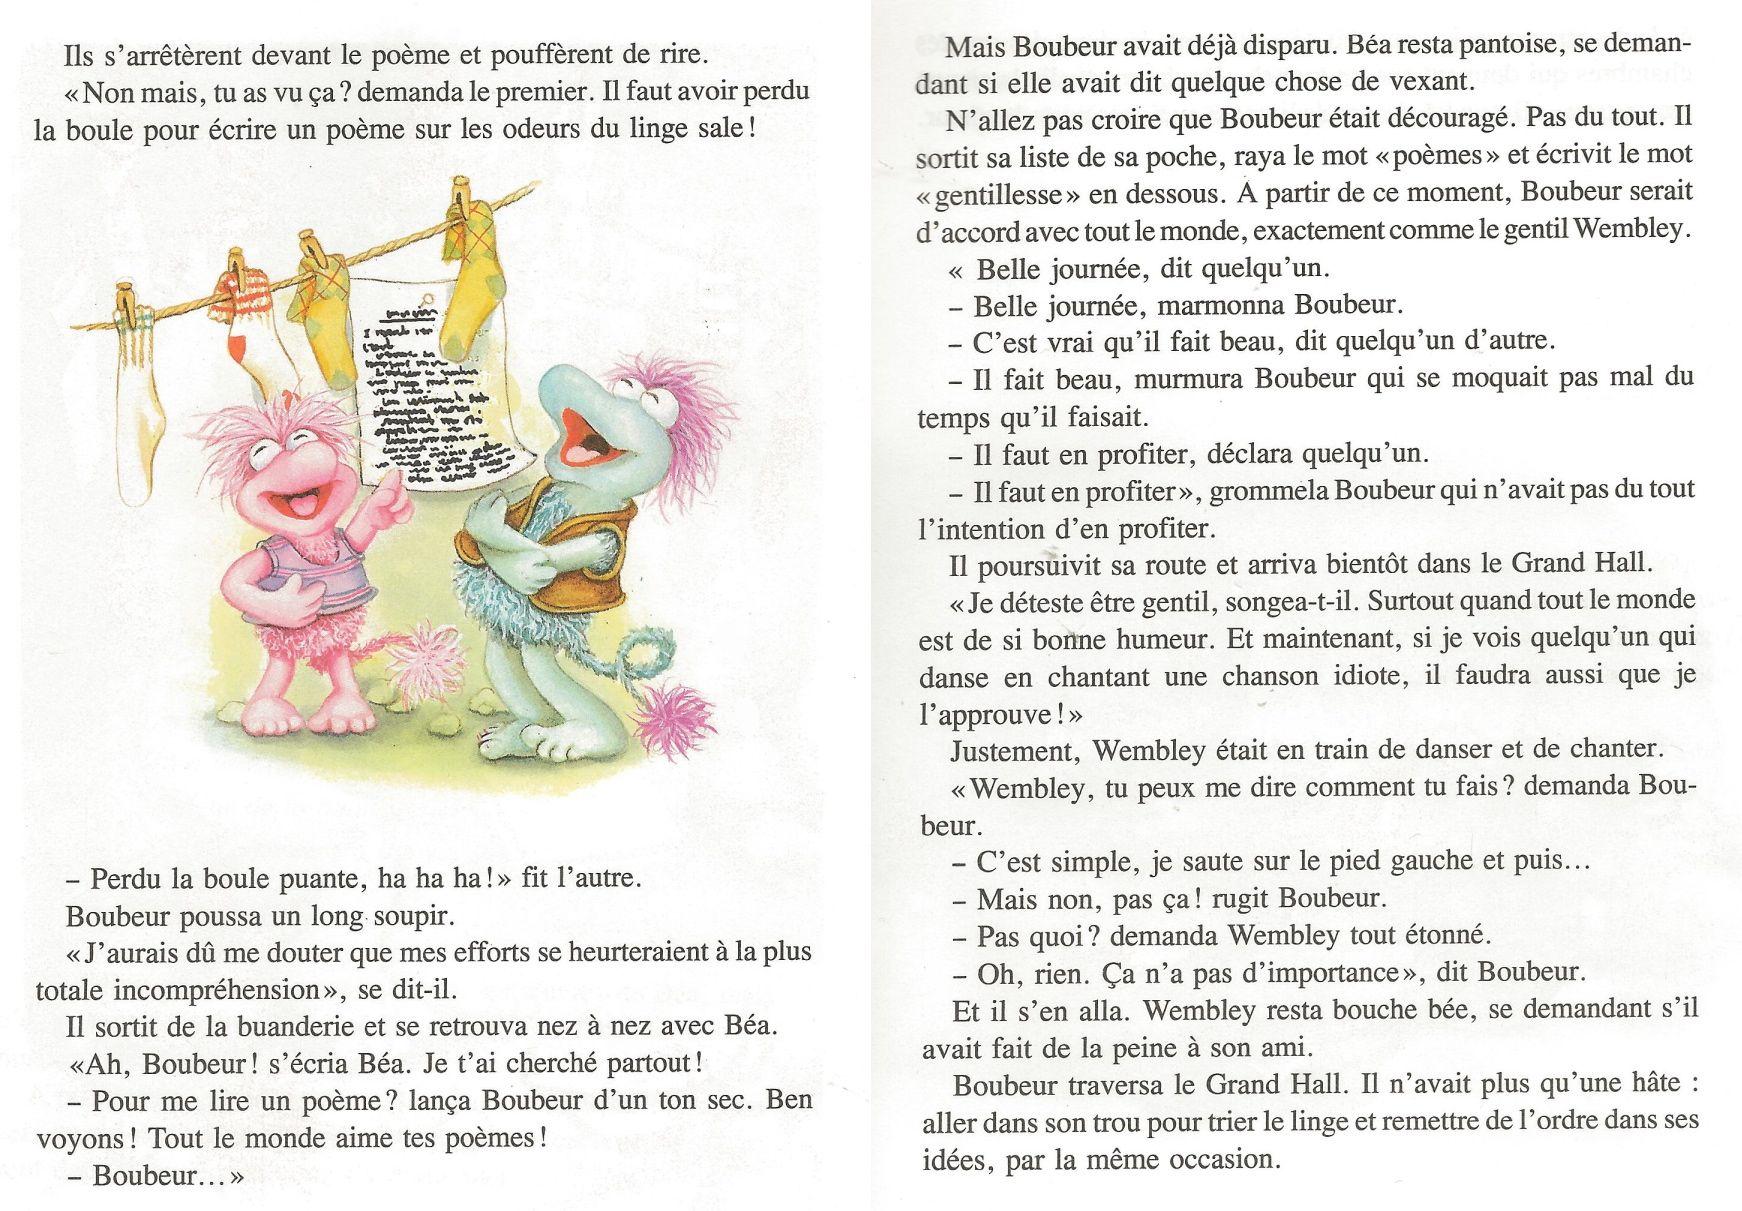 http://grenierdelatv.free.fr/2/fraggleboubeur11.jpg